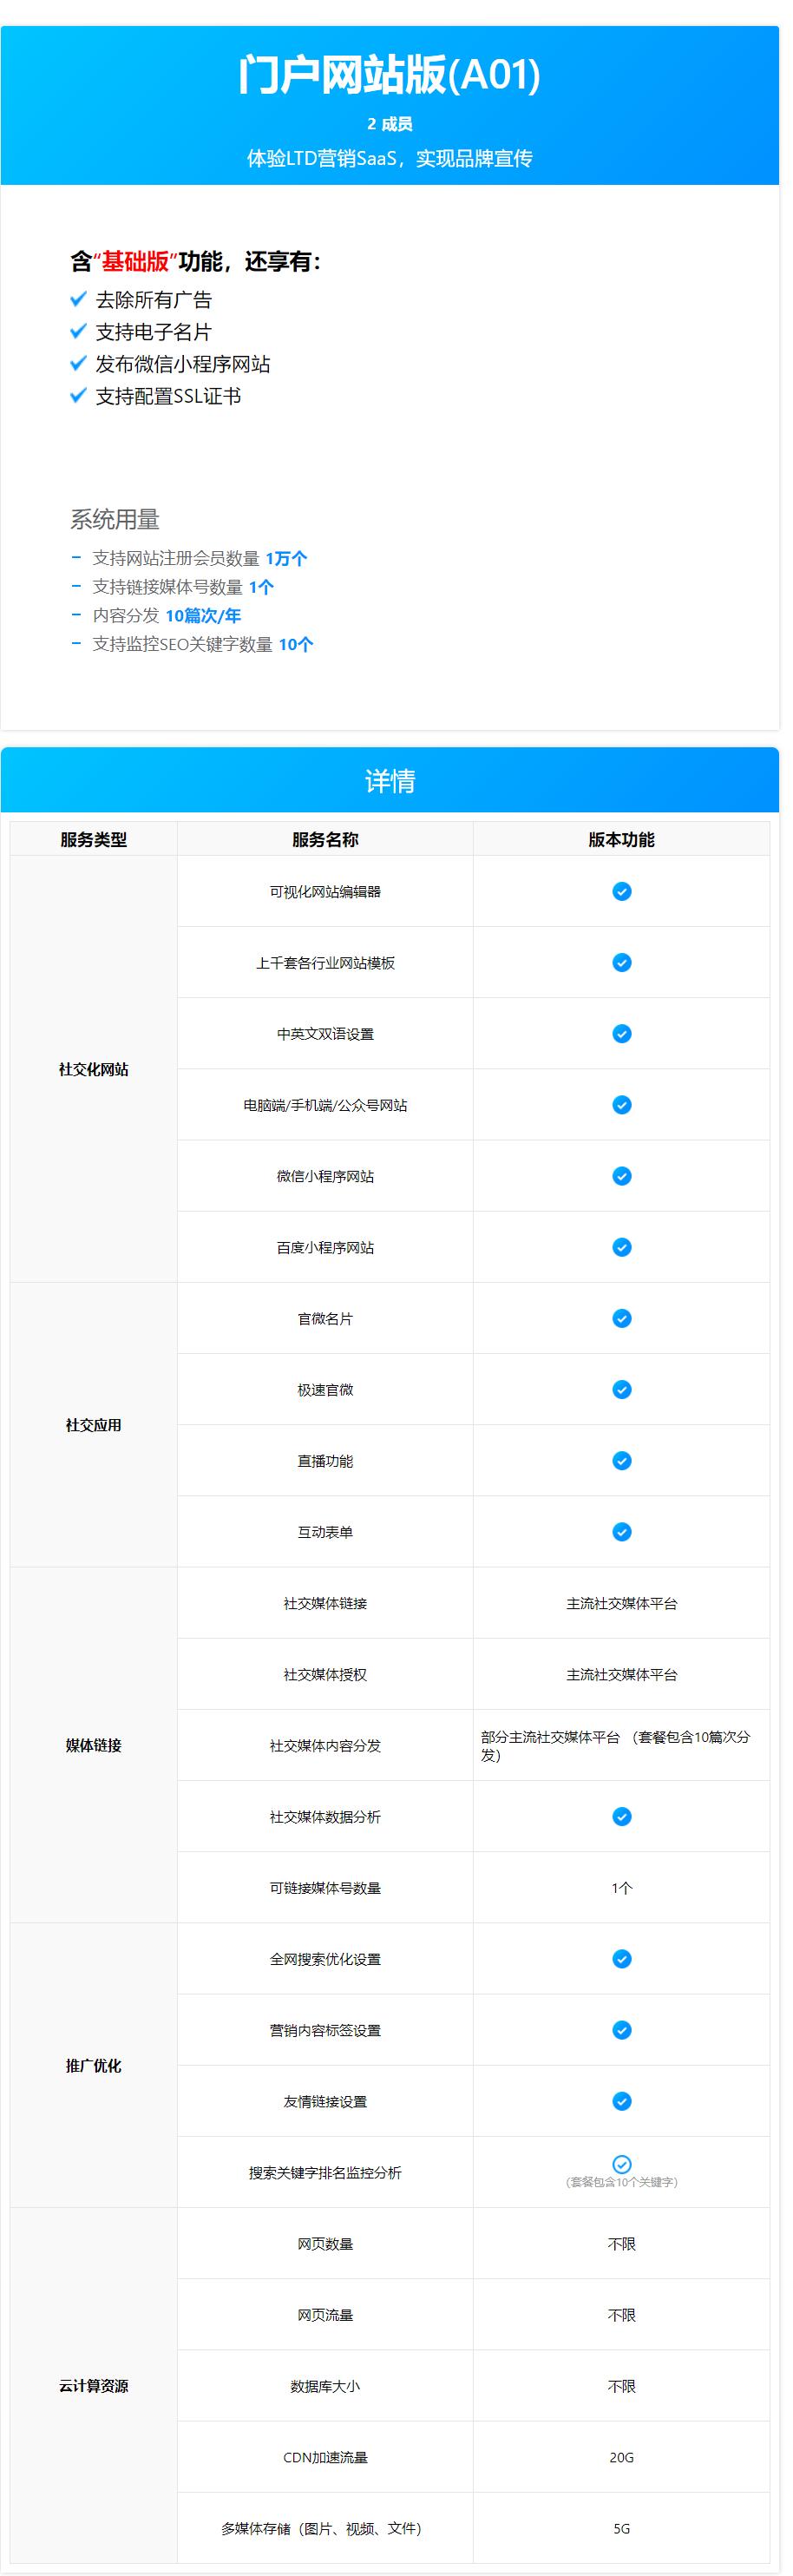 门户网站版-A01-乐通达·营销SaaS_看图王(1).png